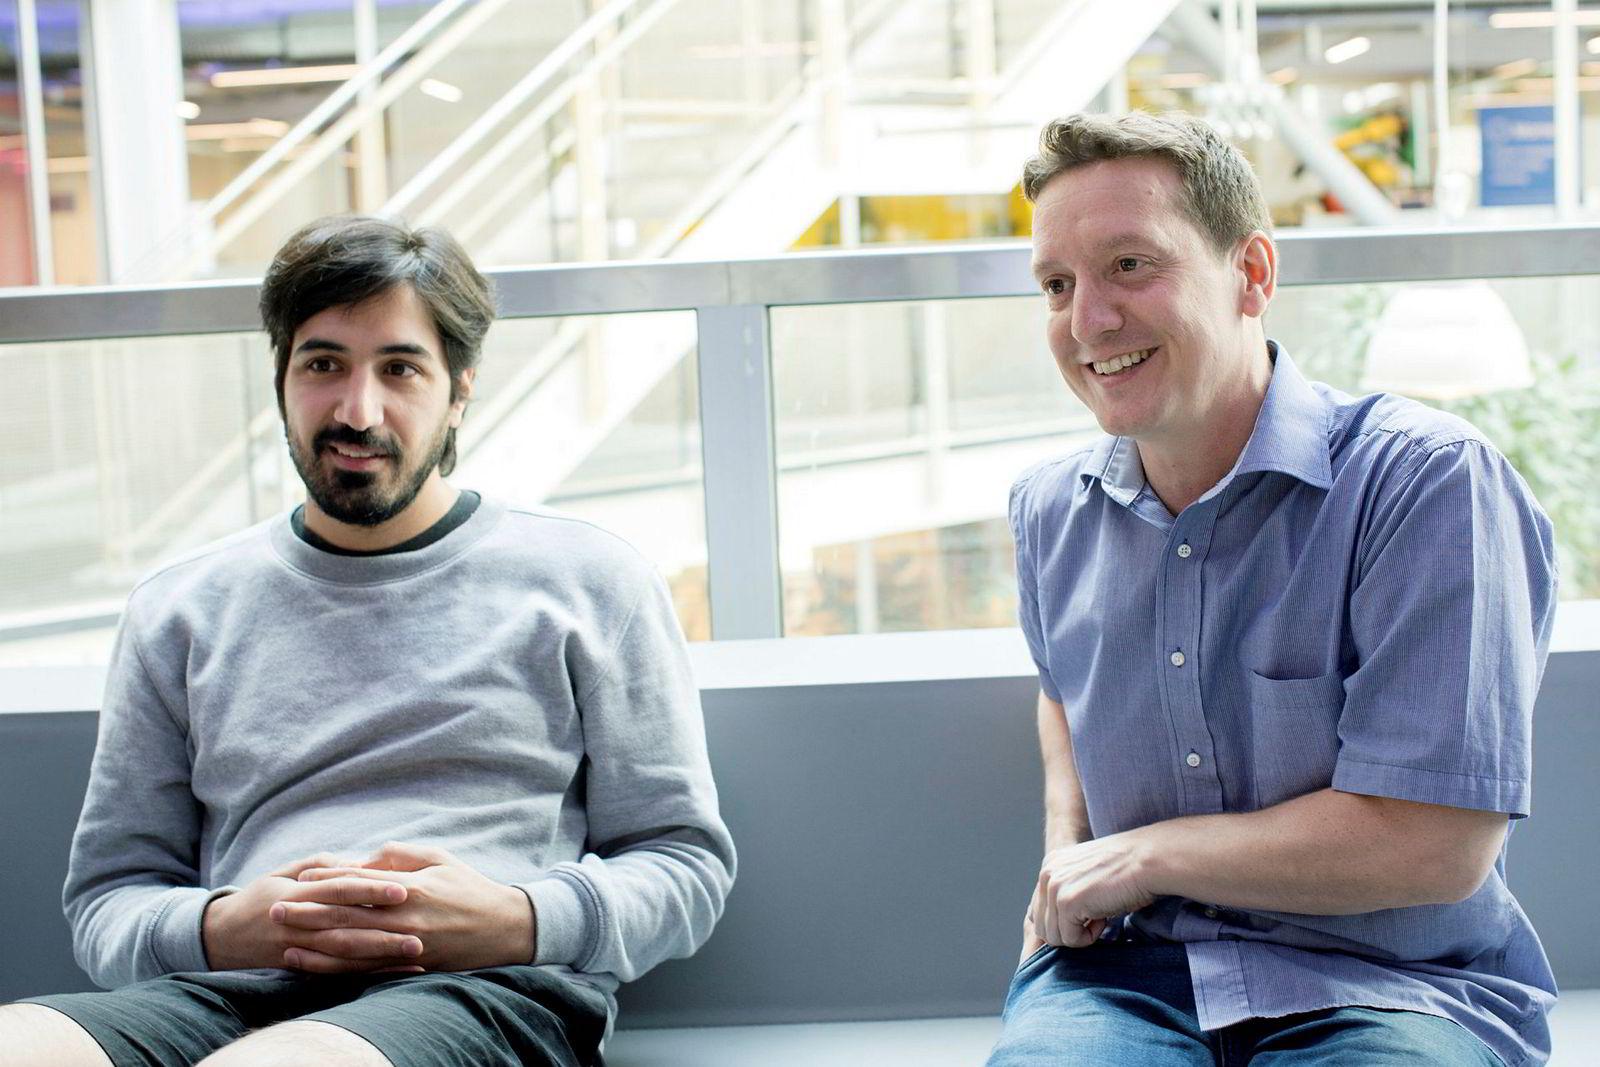 Fra venstre sitter Arash Saidi (34) og John Antonio Nilsen (43), som driver oppstartselskapet Convertelligence på Startuplab i Forskningsparken. De bygget opp selskapet med ti ansatte mens Arash var student.